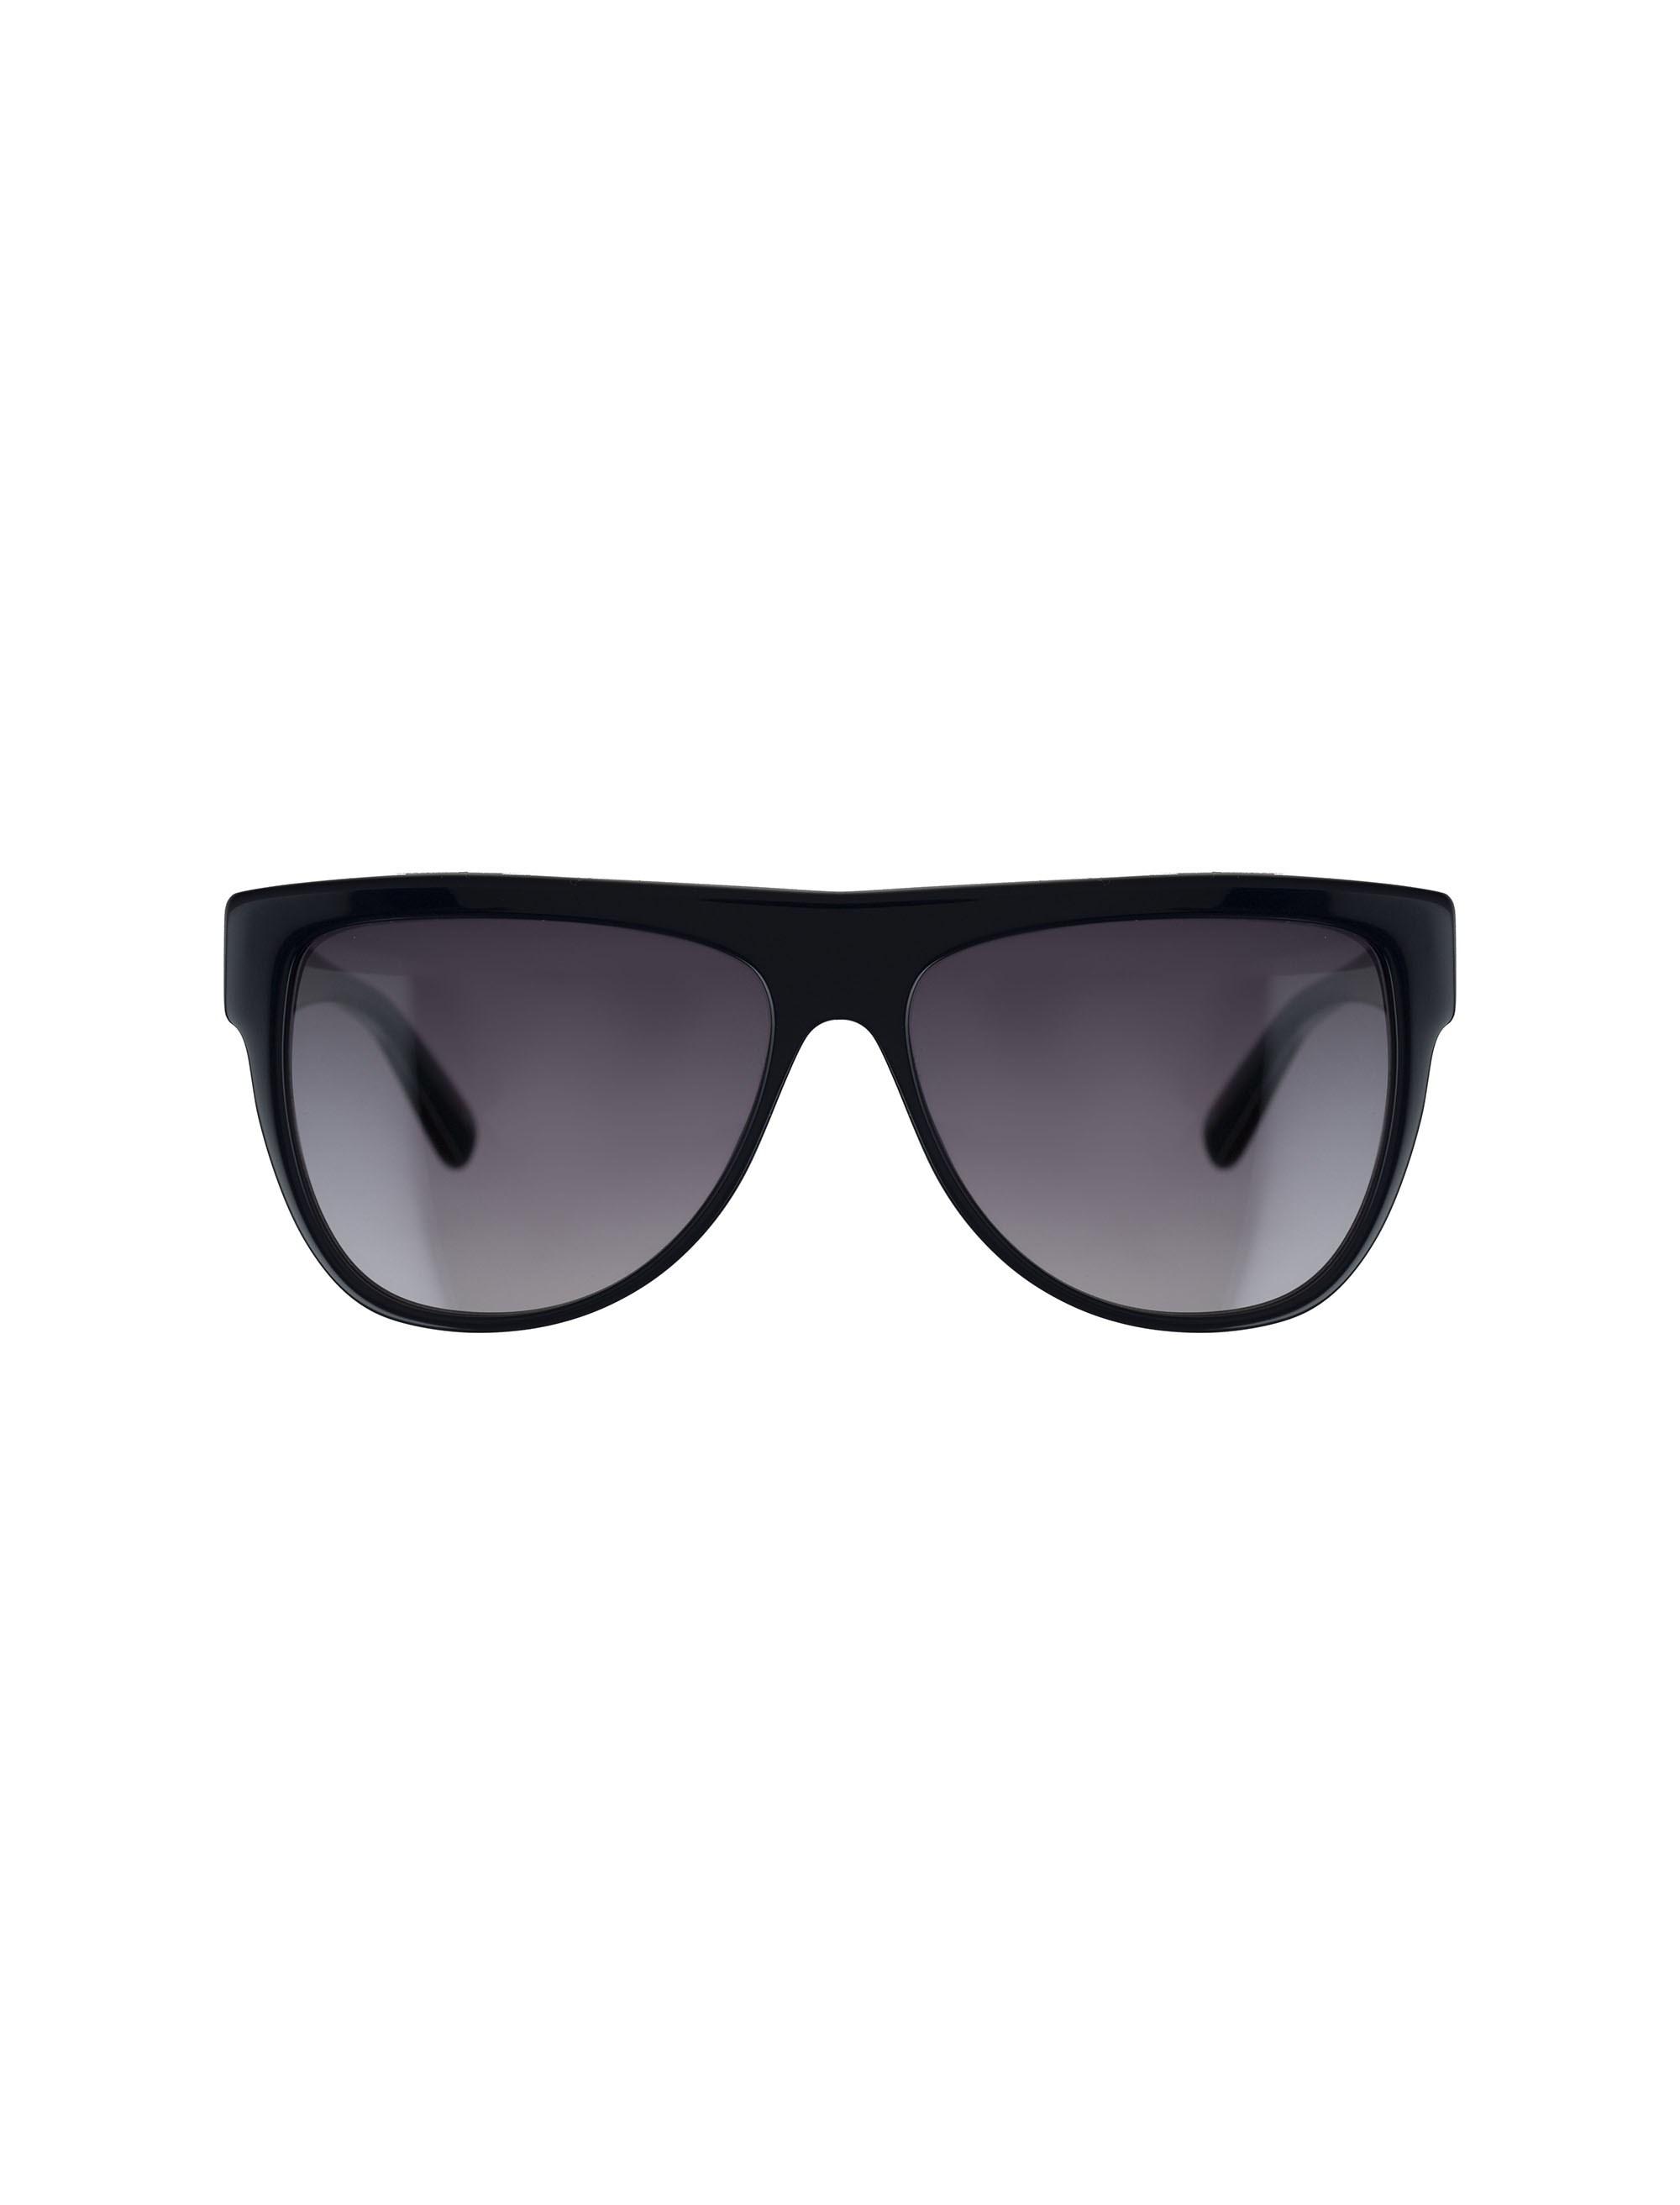 قیمت عینک طبی زنانه - ماریم اکو